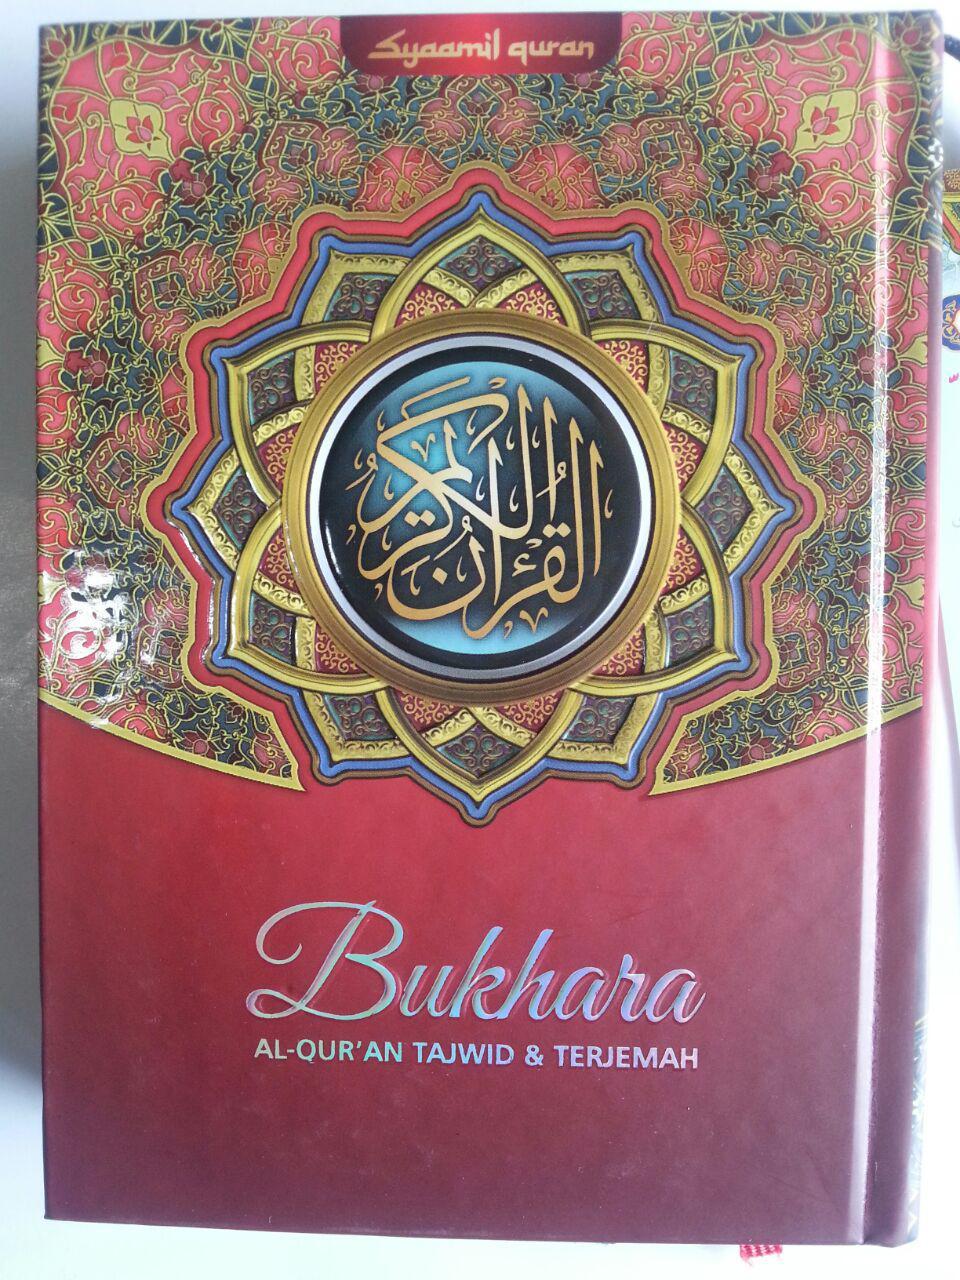 Al-Qur'an Tajwid Dan Terjemah Bukhara Ukuran A6 cover